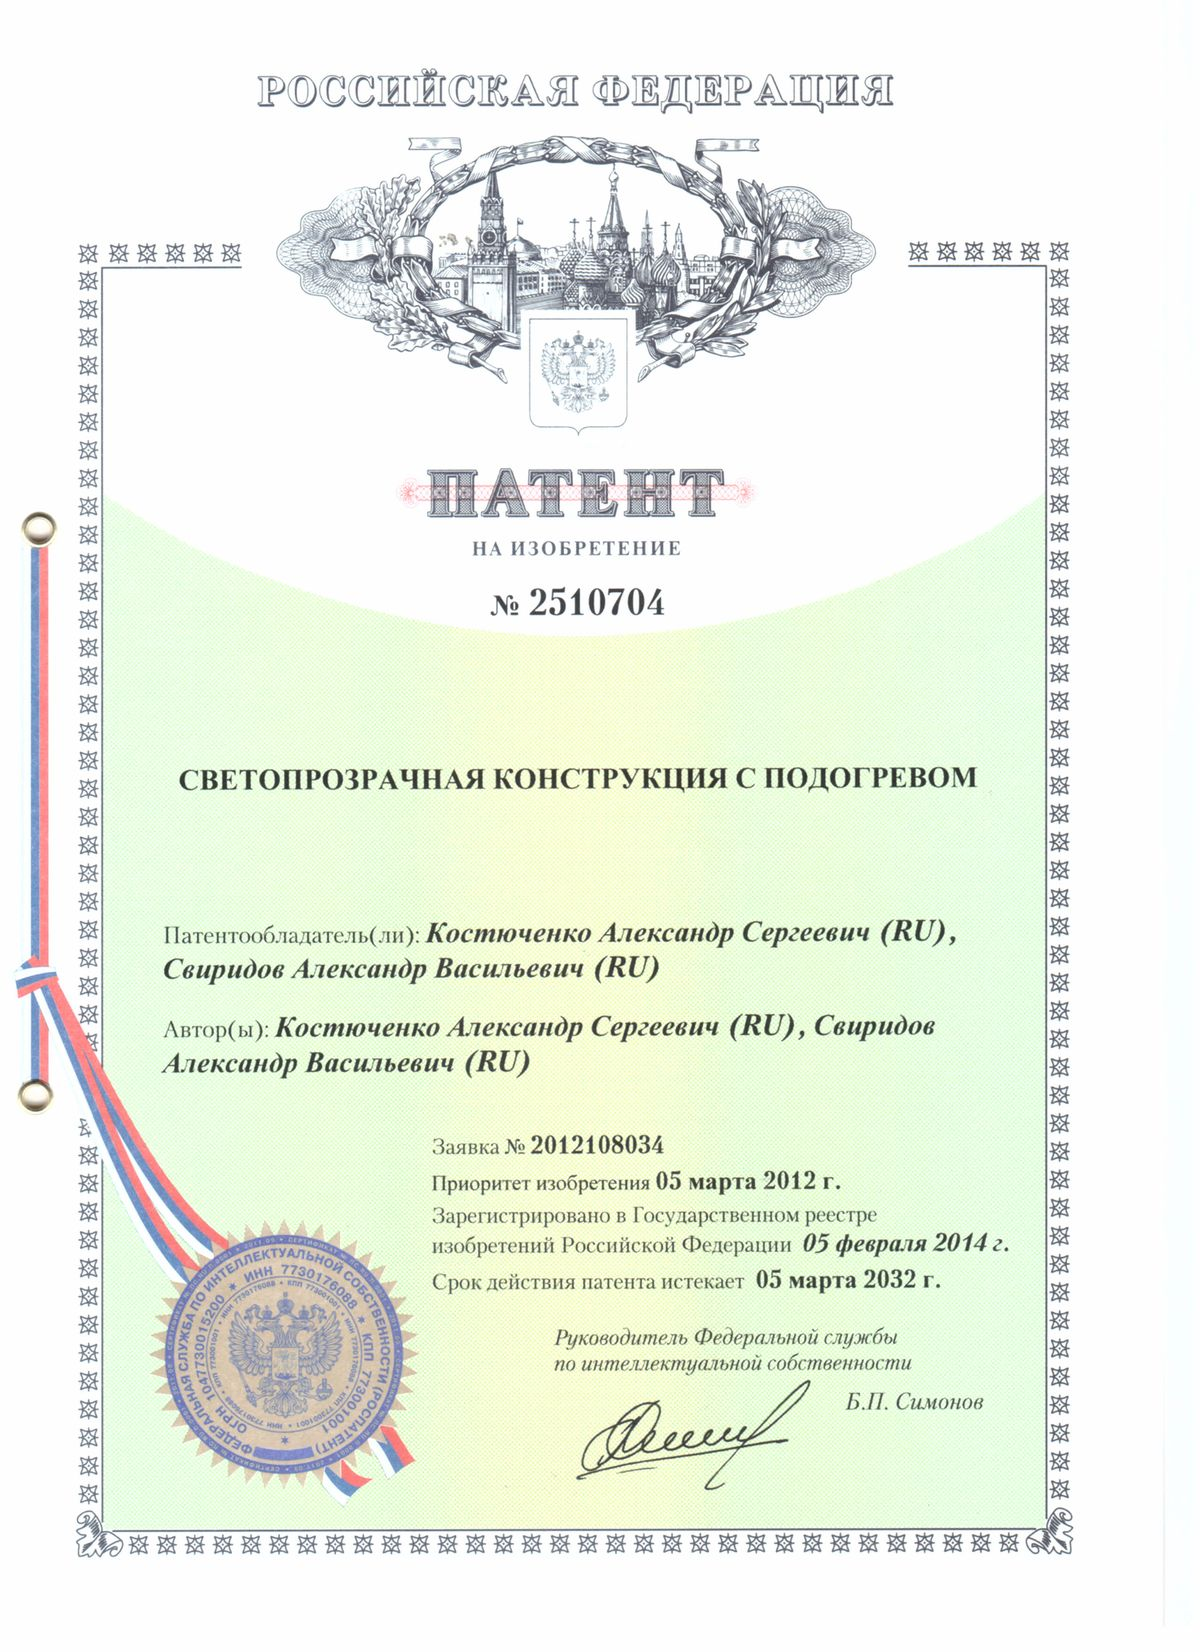 Патент на обогреватели THERMO GLASS